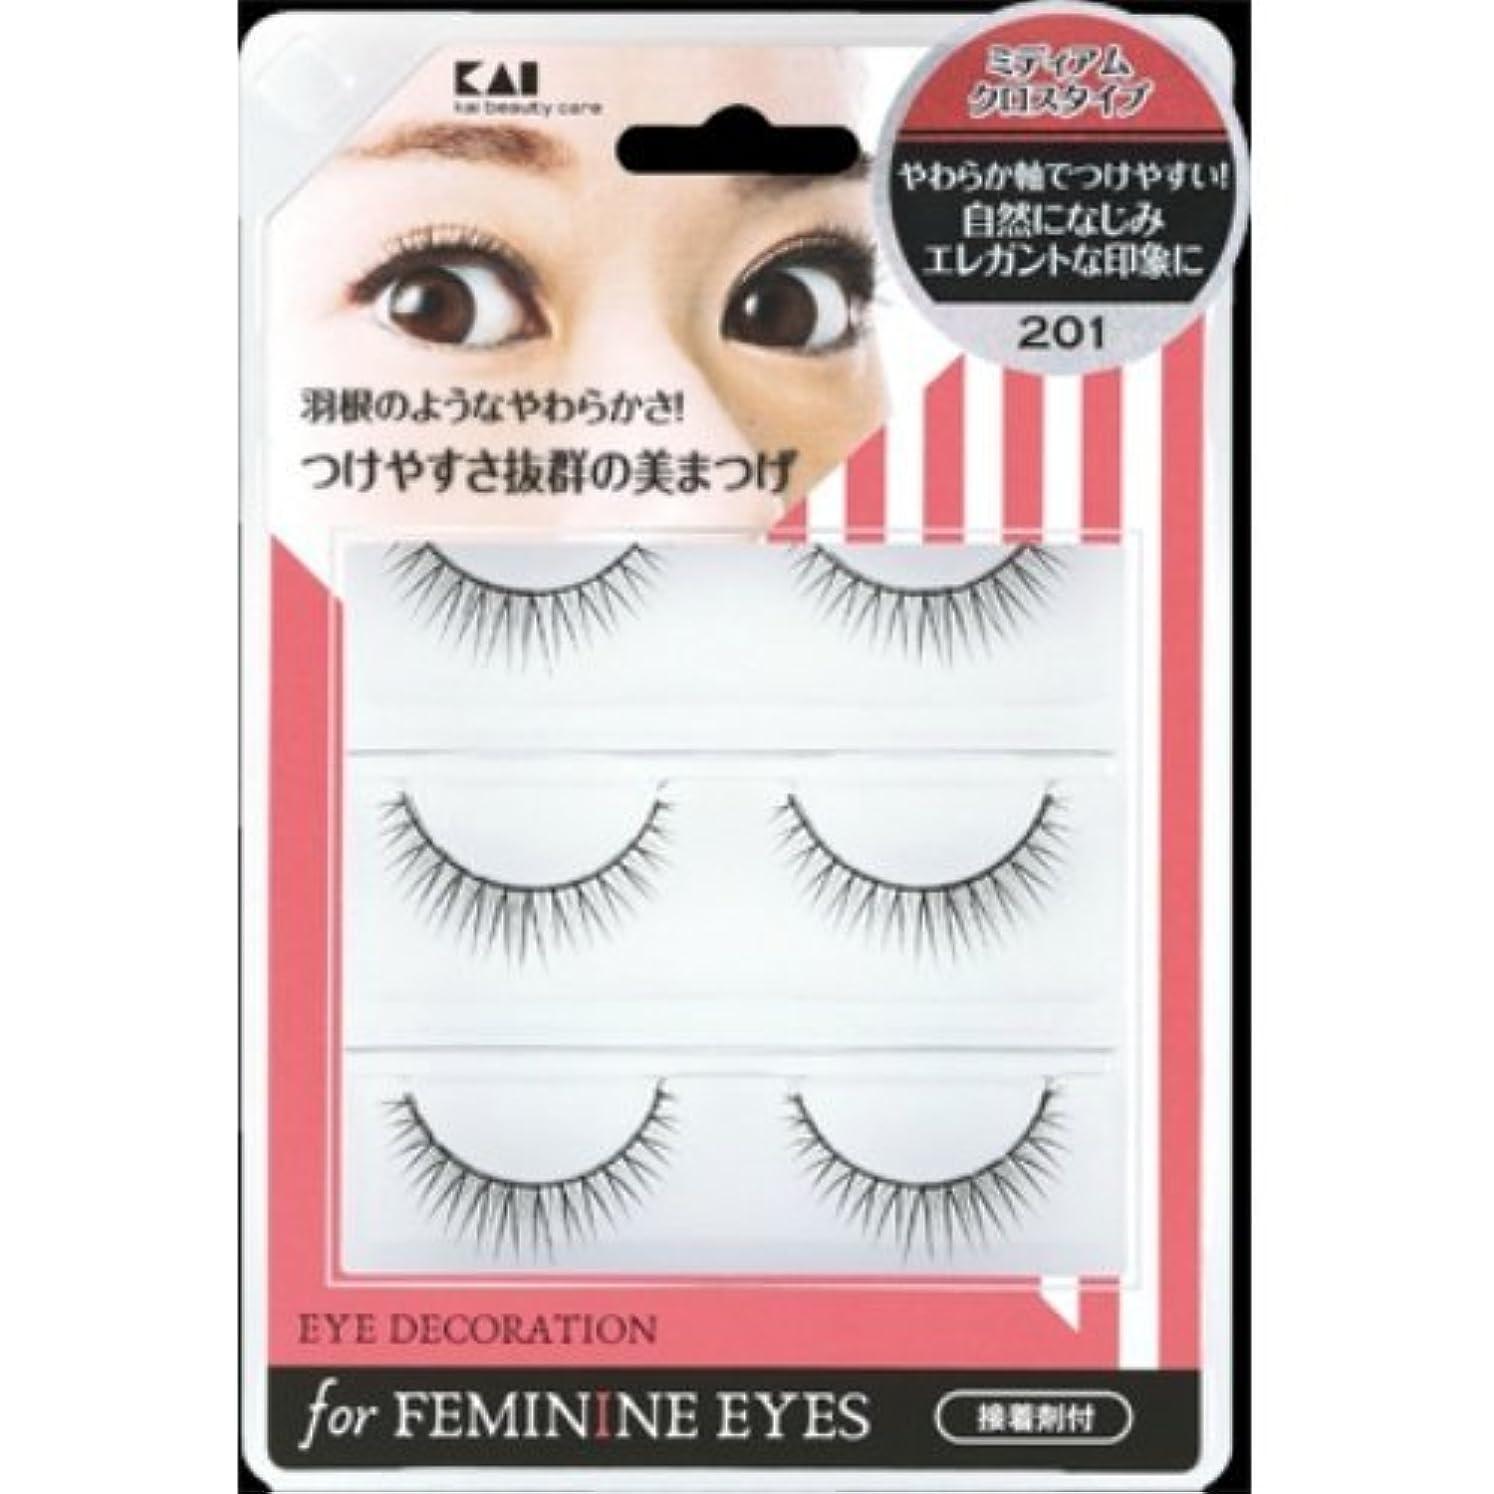 マーカー定義するリフレッシュ貝印 アイデコレーション for feminine eyes 201 HC1558